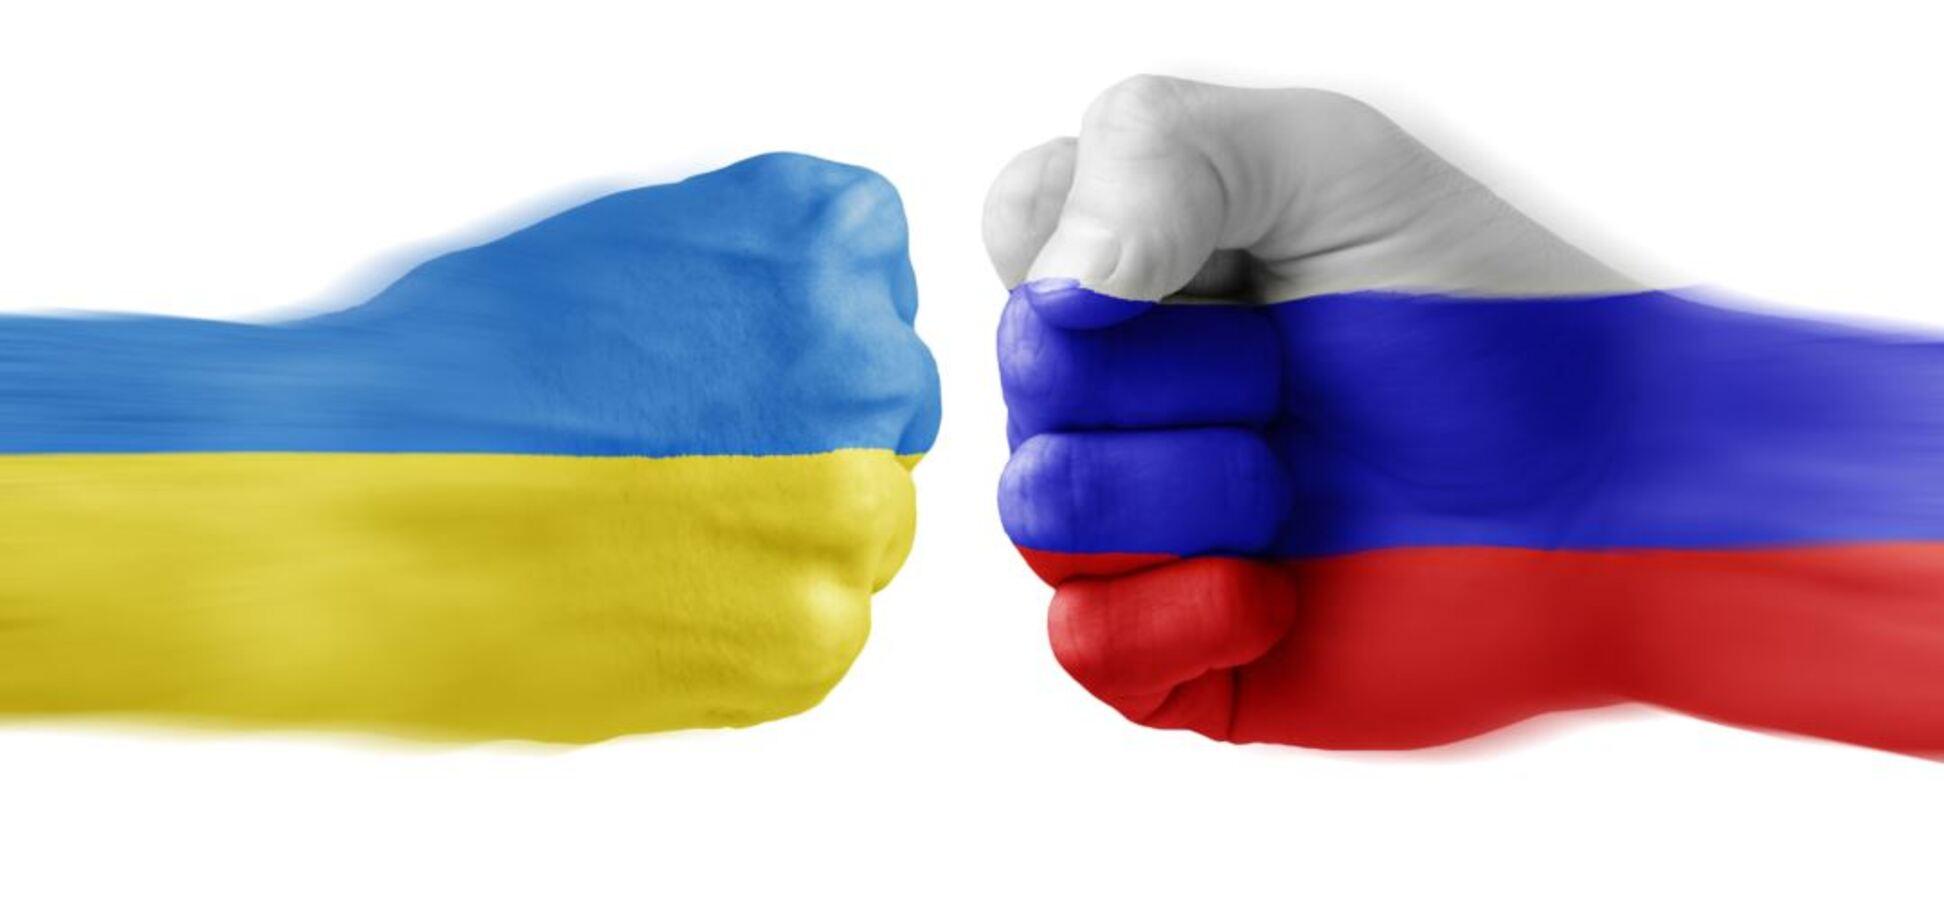 'Никогда не будем братьями': в сети указали на разницу между украинцами и россиянами